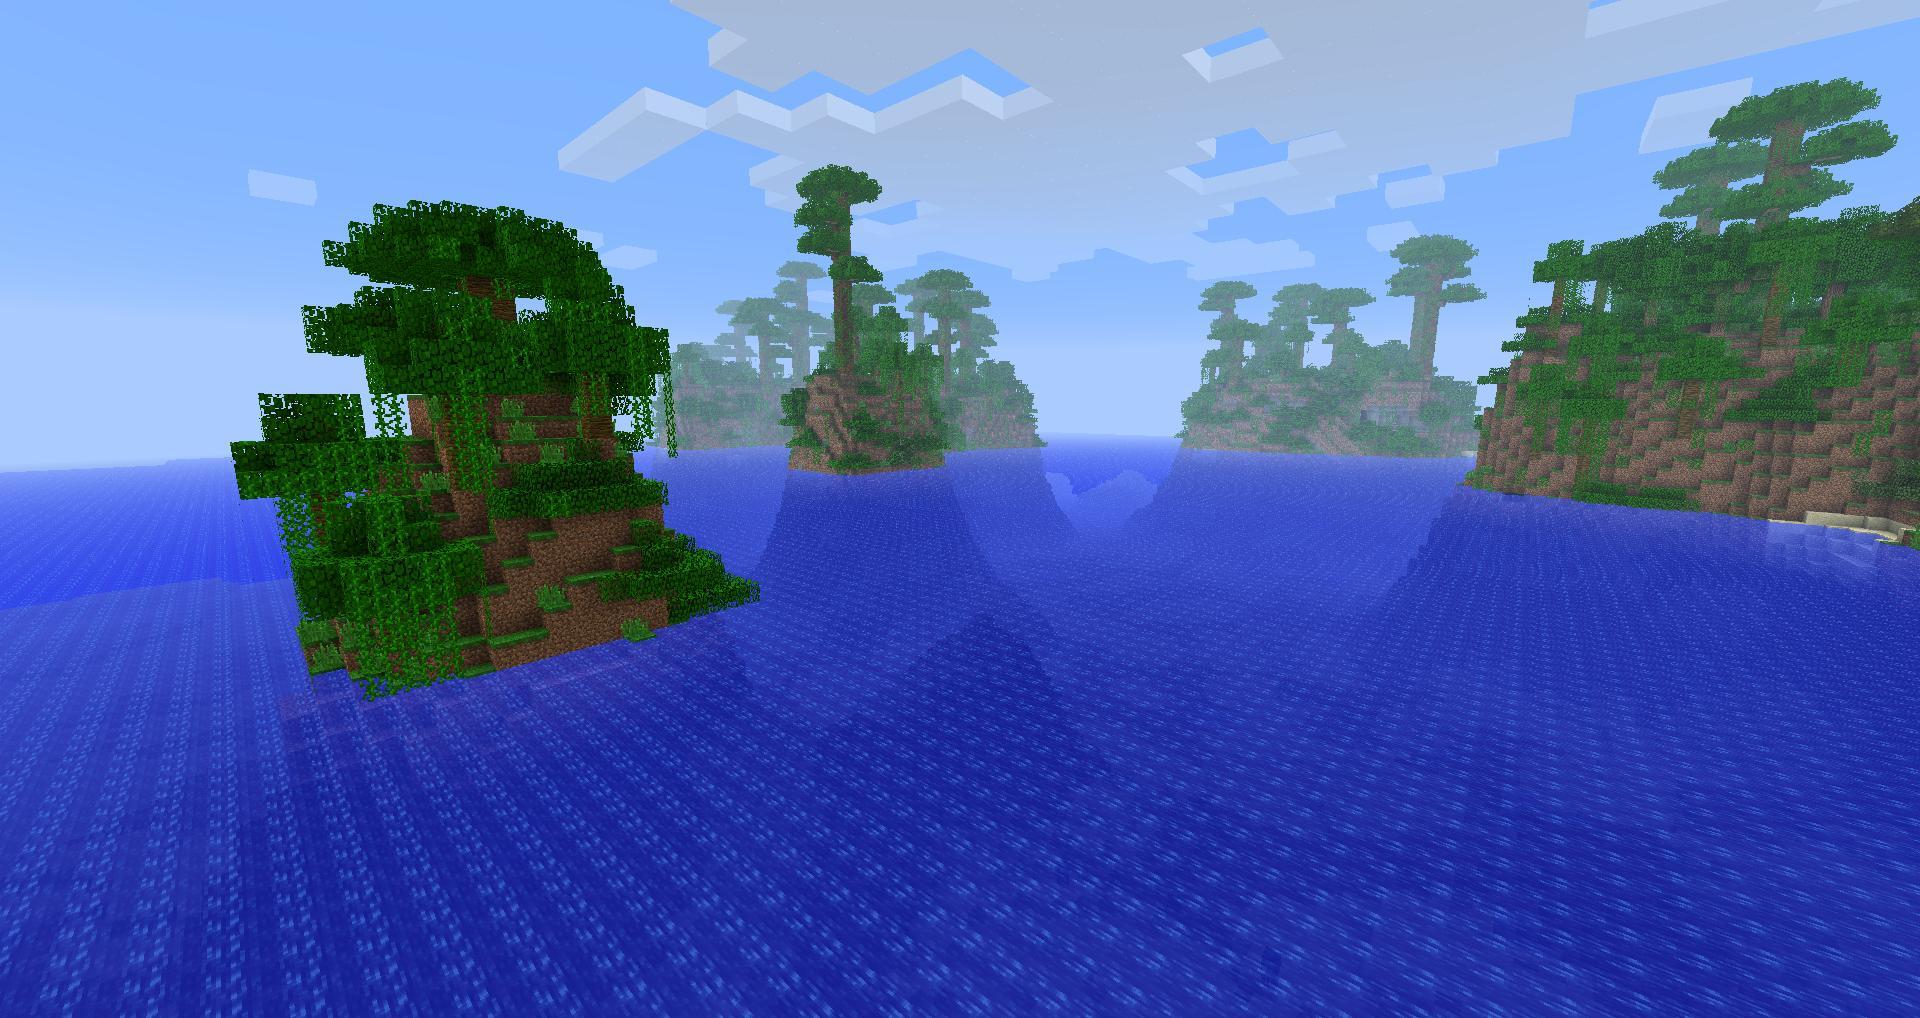 http://minecraft-forum.net/wp-content/uploads/2013/03/a14eb__Ocean-Adventures-Mod-3.jpg